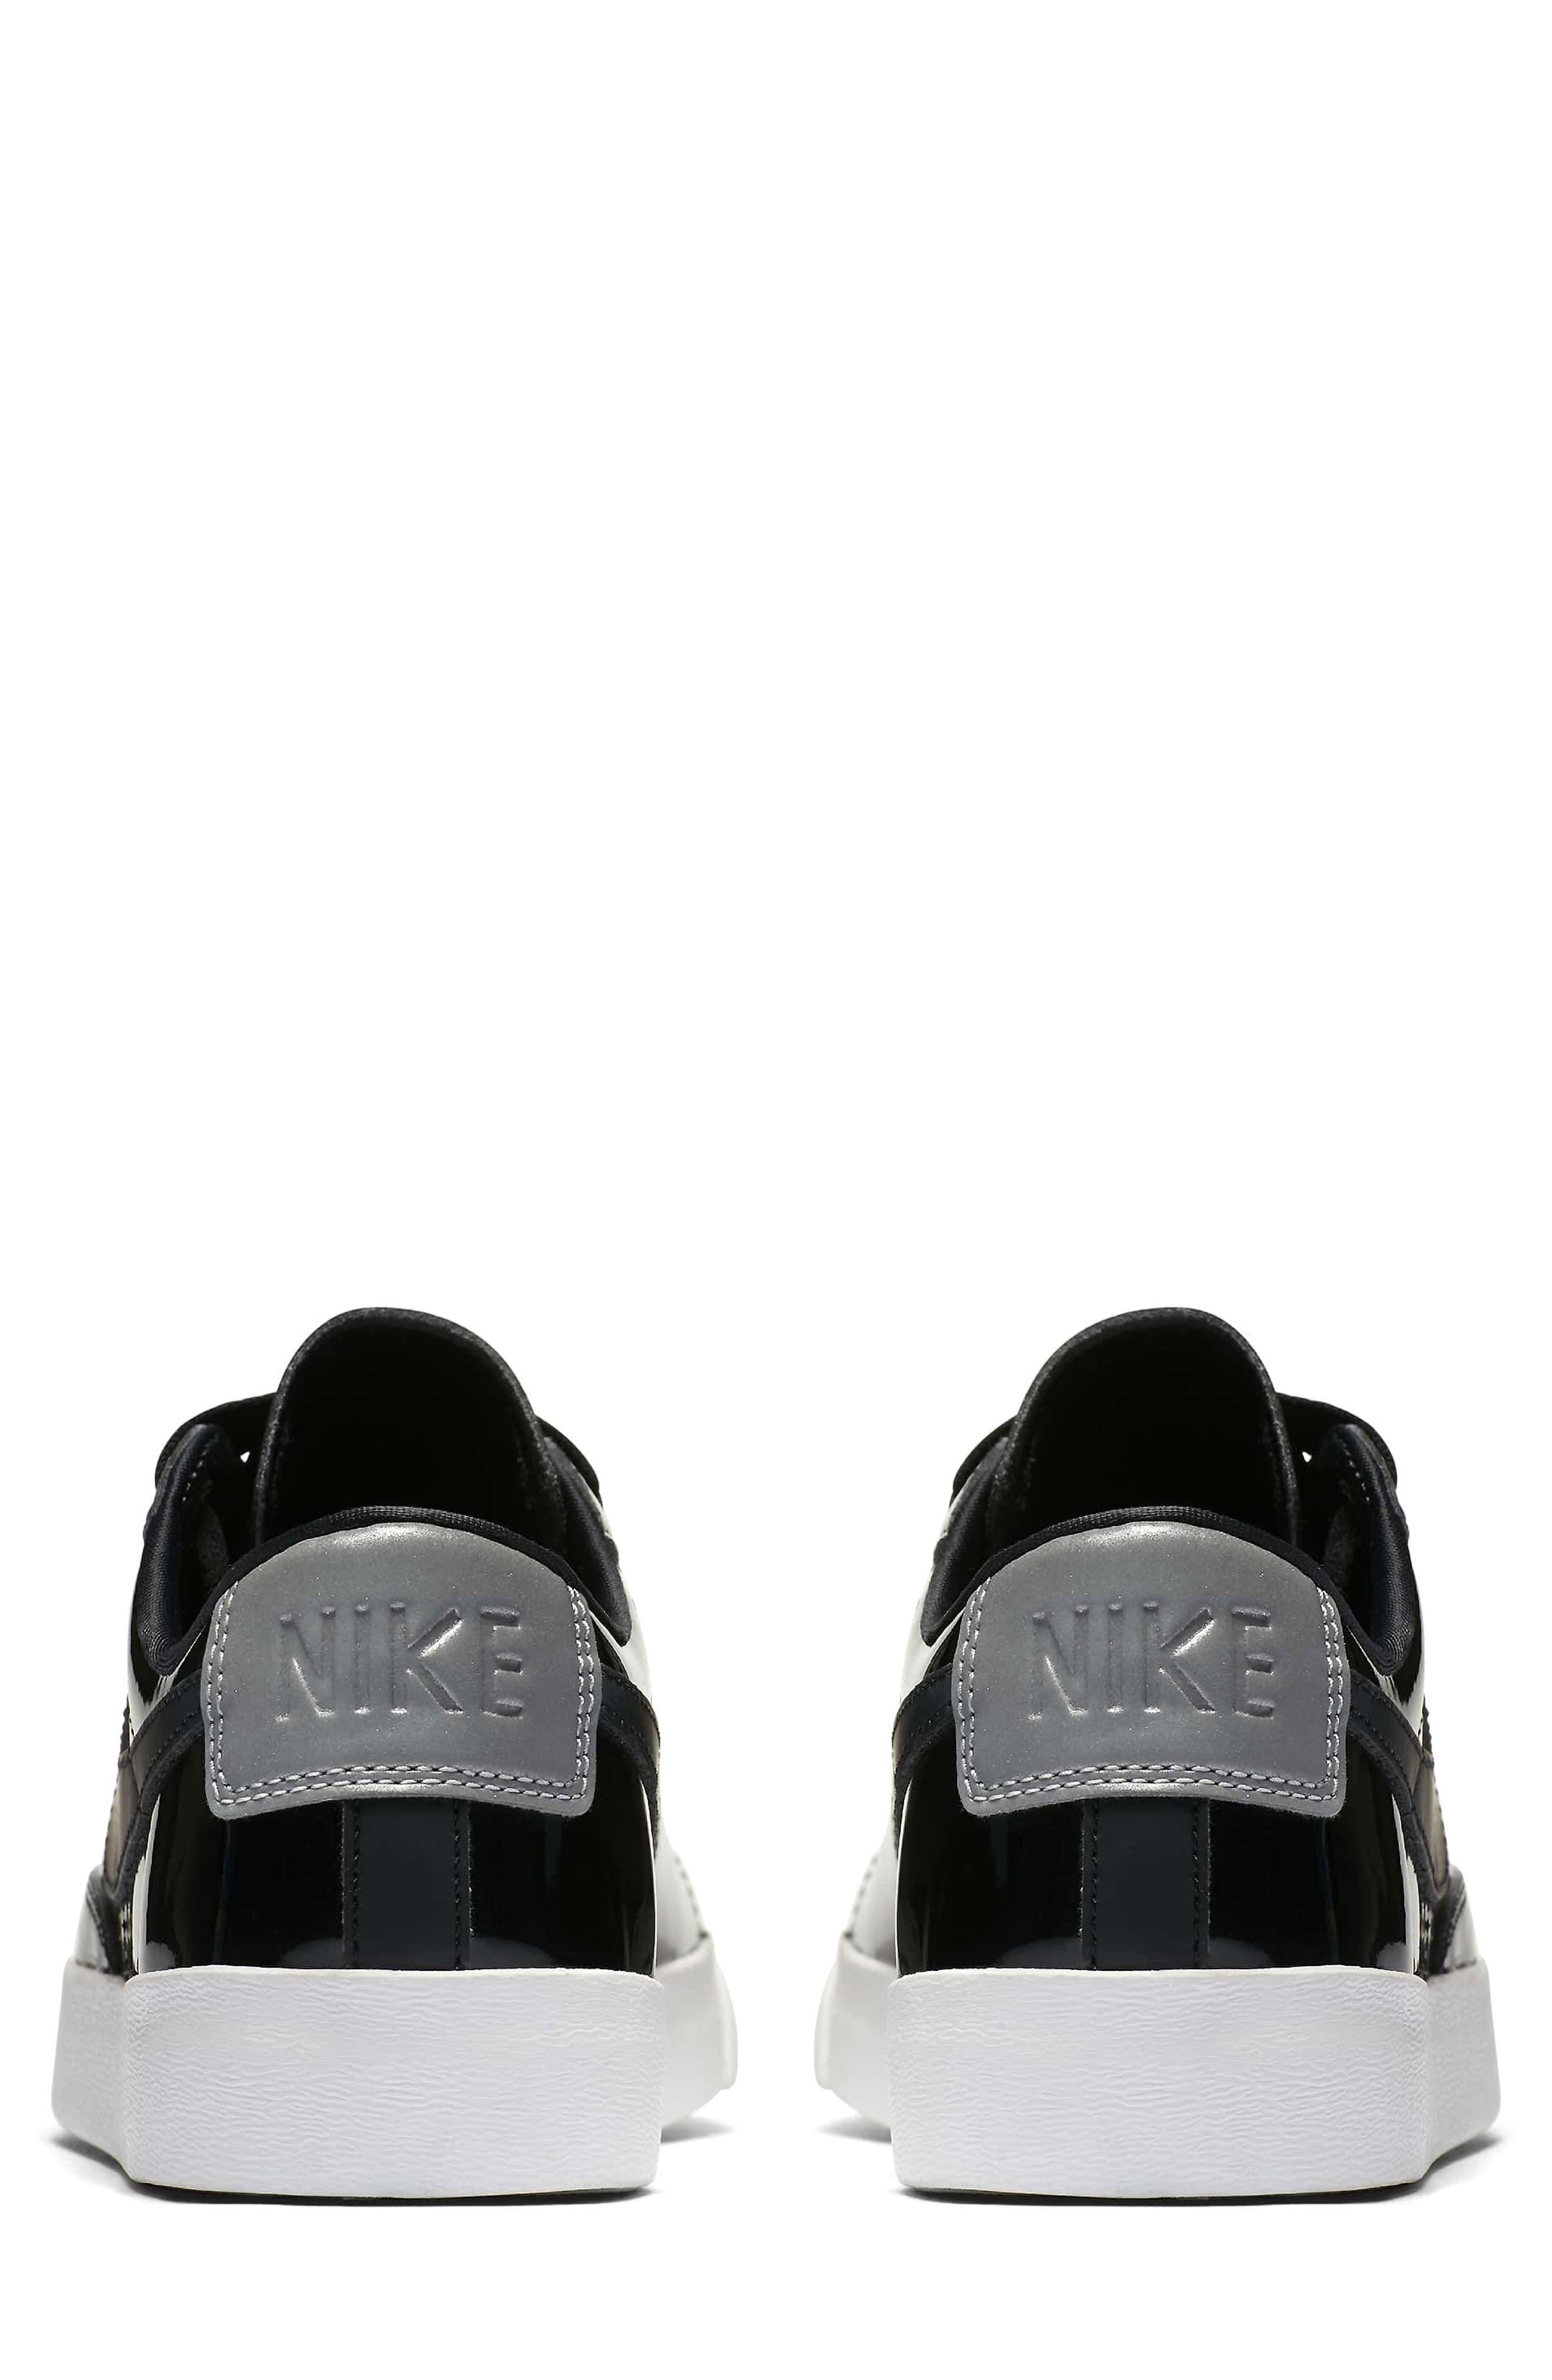 Blazer Low Top Sneaker SE,                             Alternate thumbnail 4, color,                             Black/ Black Reflect Silver